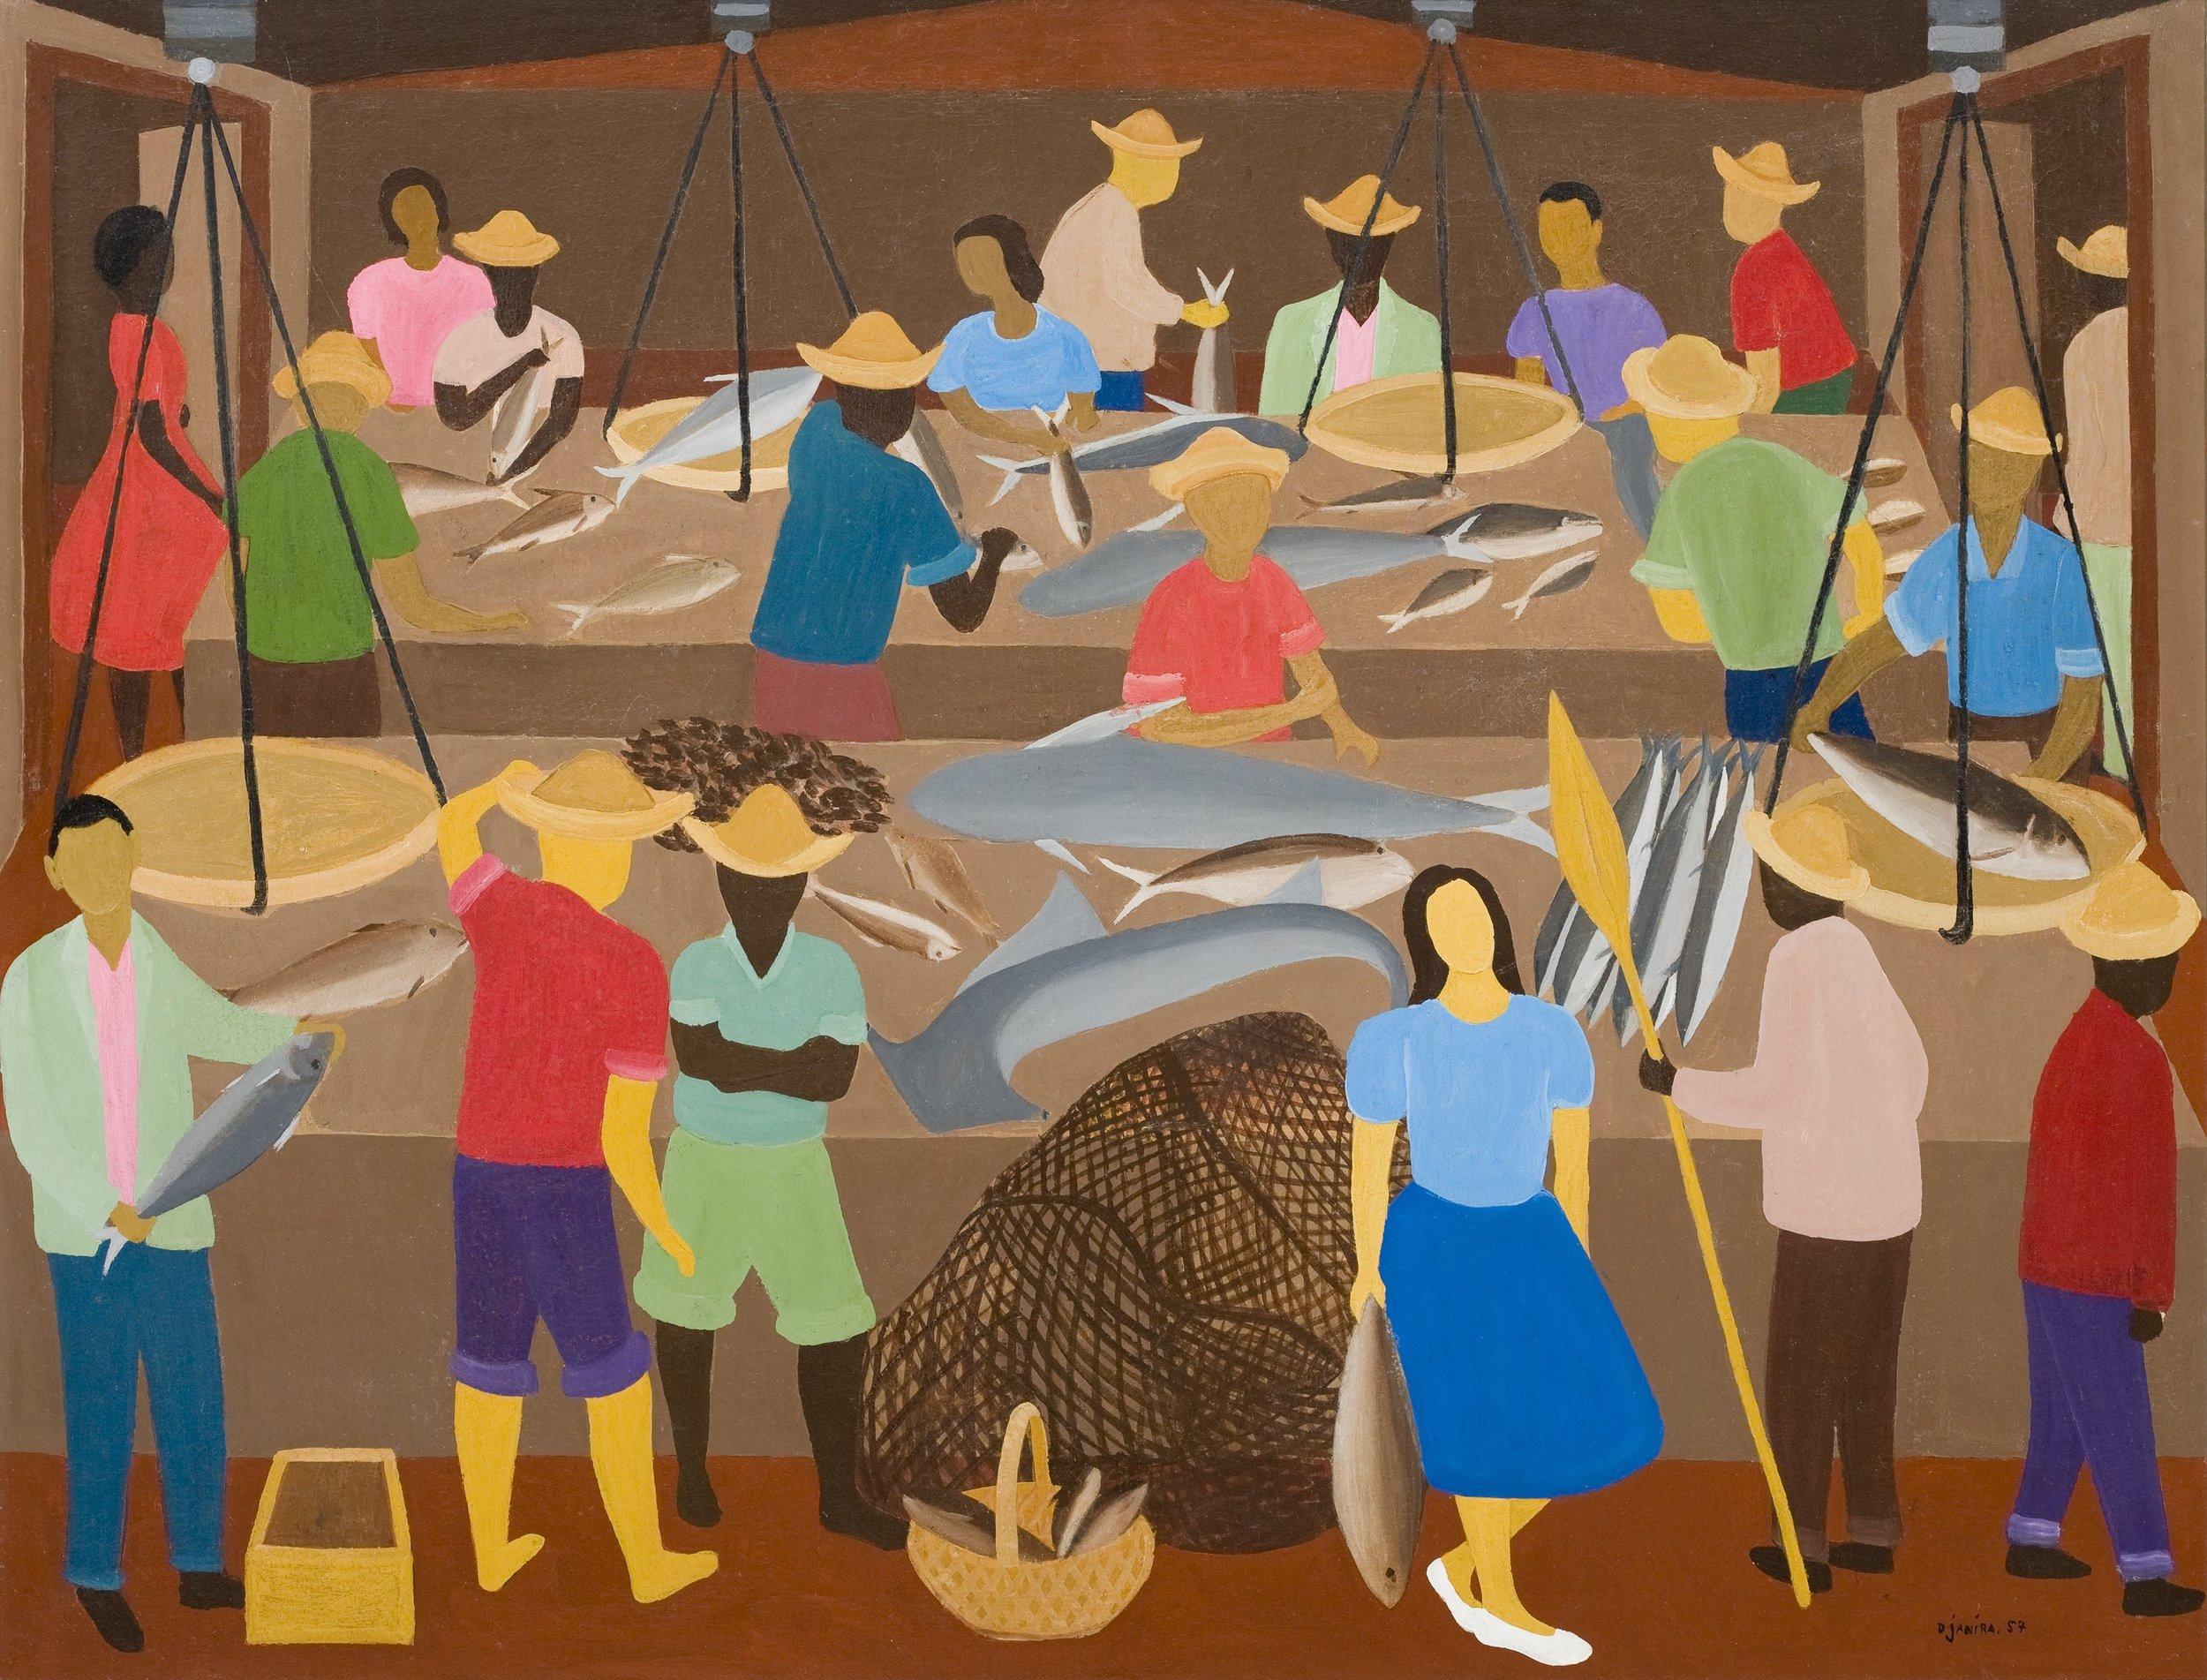 Djanira, Mercado de Peixe, 1957, óleo sobre tela, 90 x 116,5 cm / Foto: João L. Musa